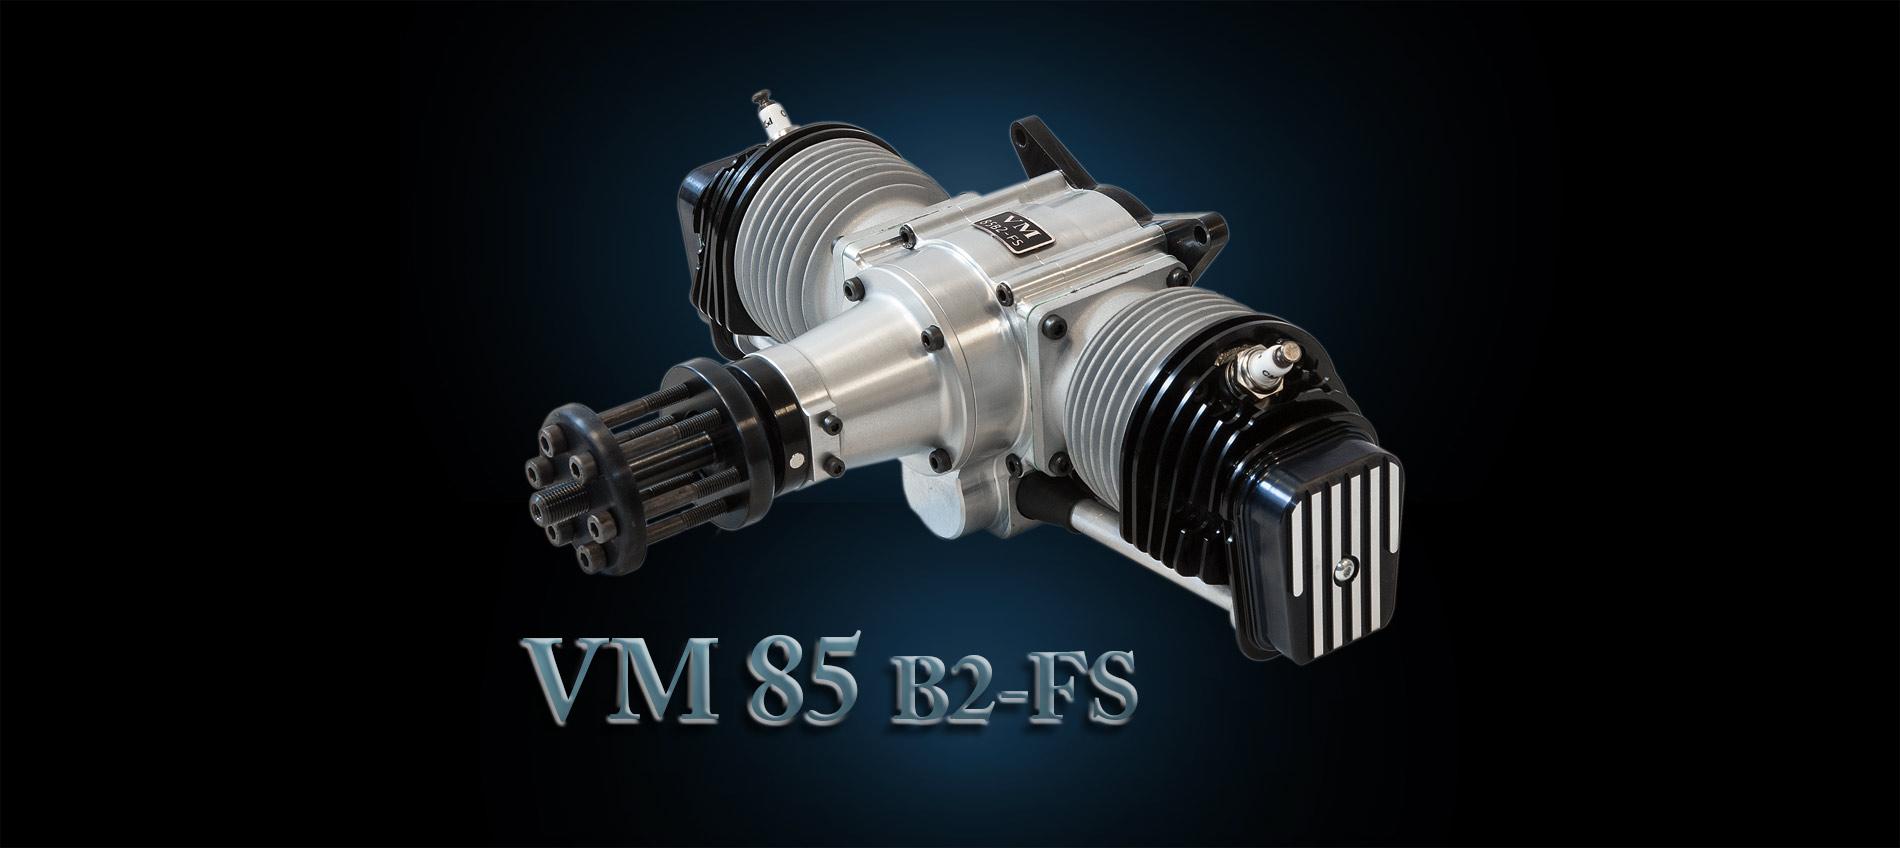 Valach VM 85 B2-FS